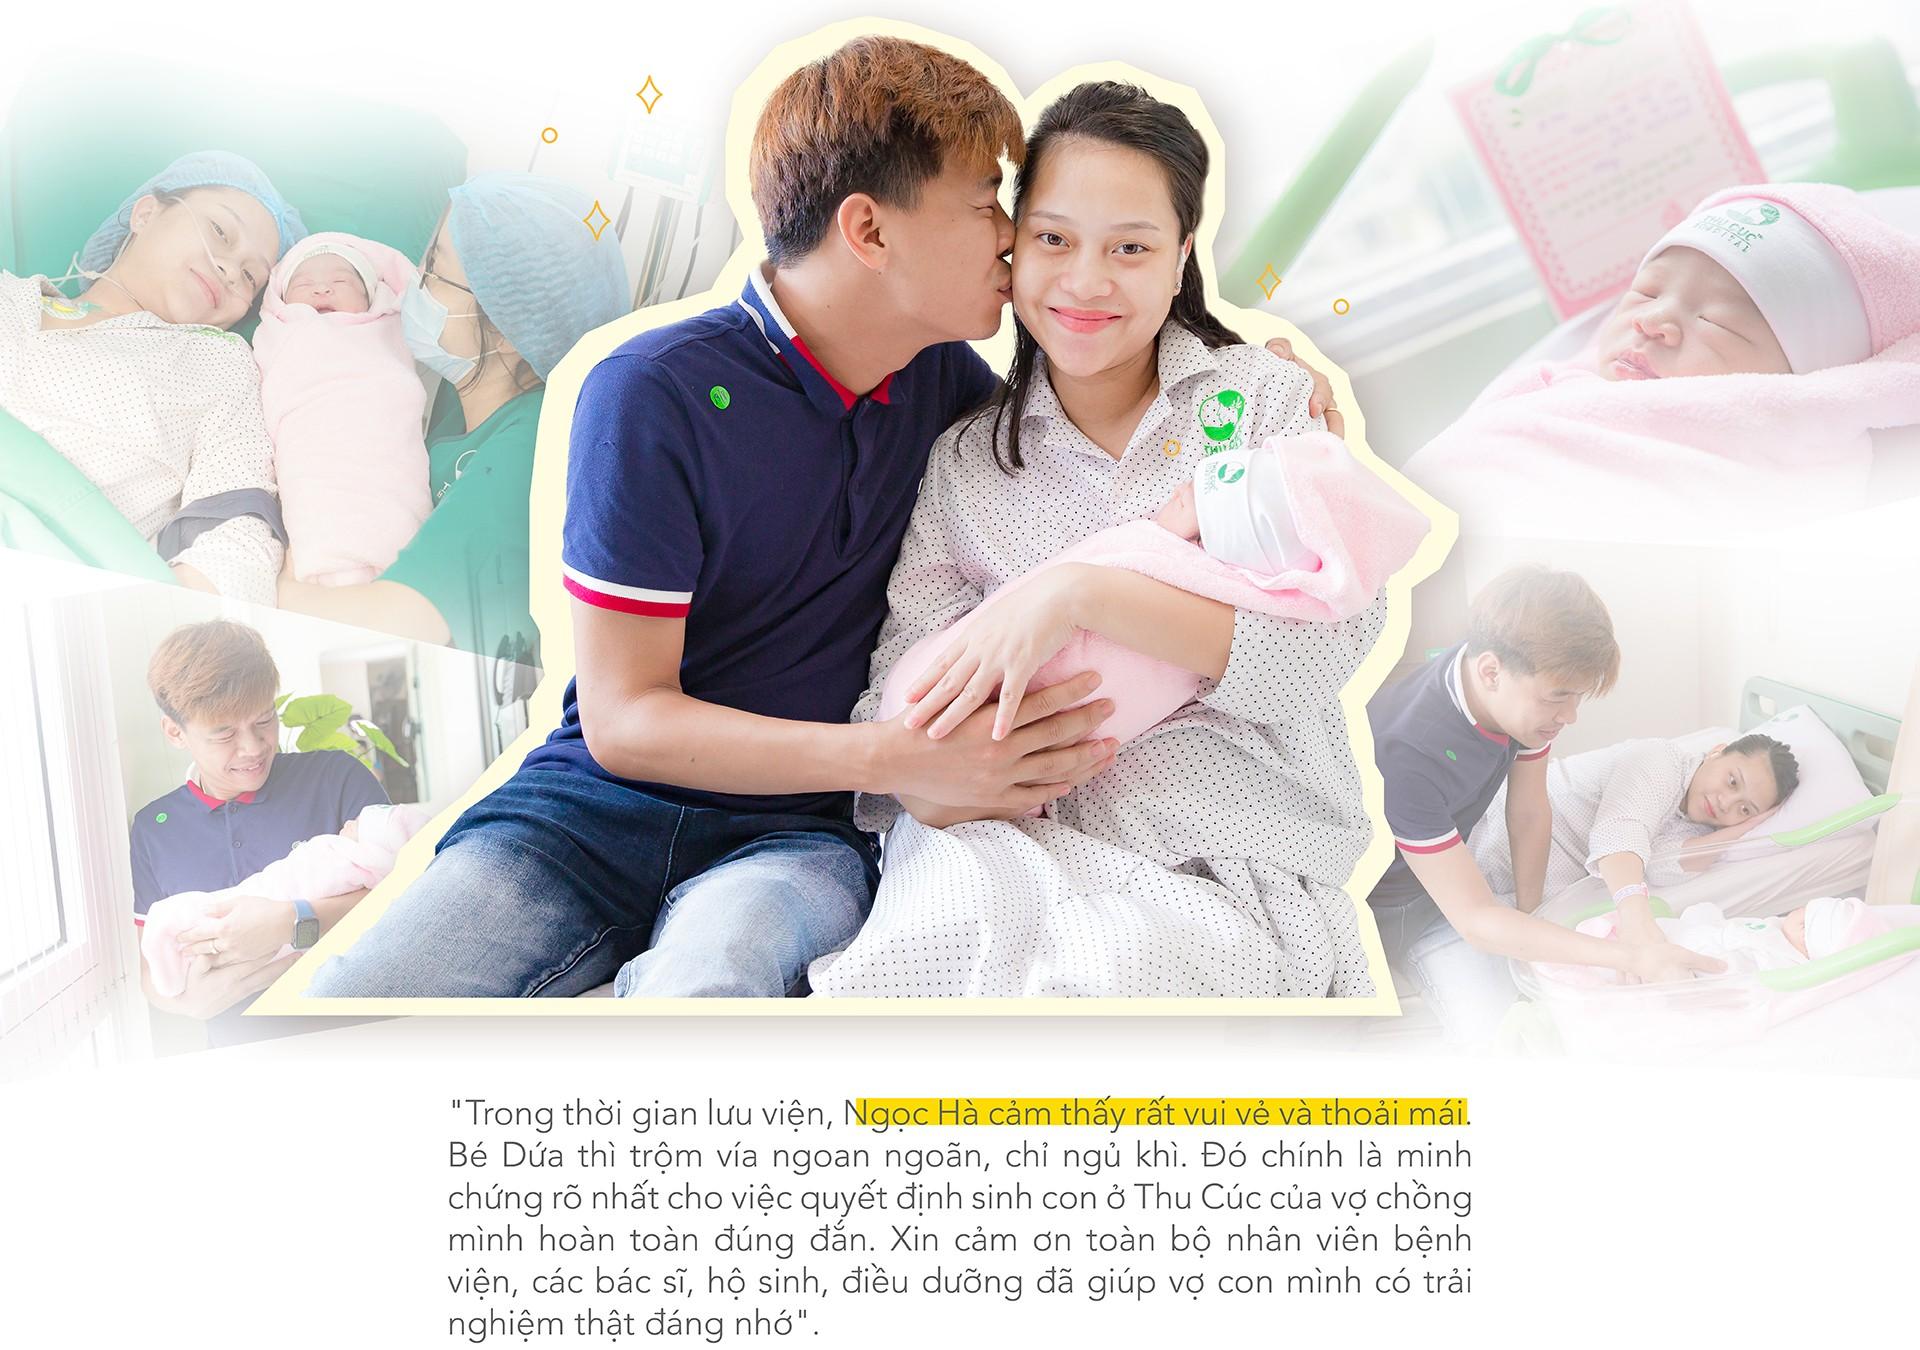 """Vợ chồng diễn viên Trung Ruồi sinh con đầu lòng: """"Đẻ mùa dịch là 1 kịch bản chưa từng nghĩ tới"""" 9"""